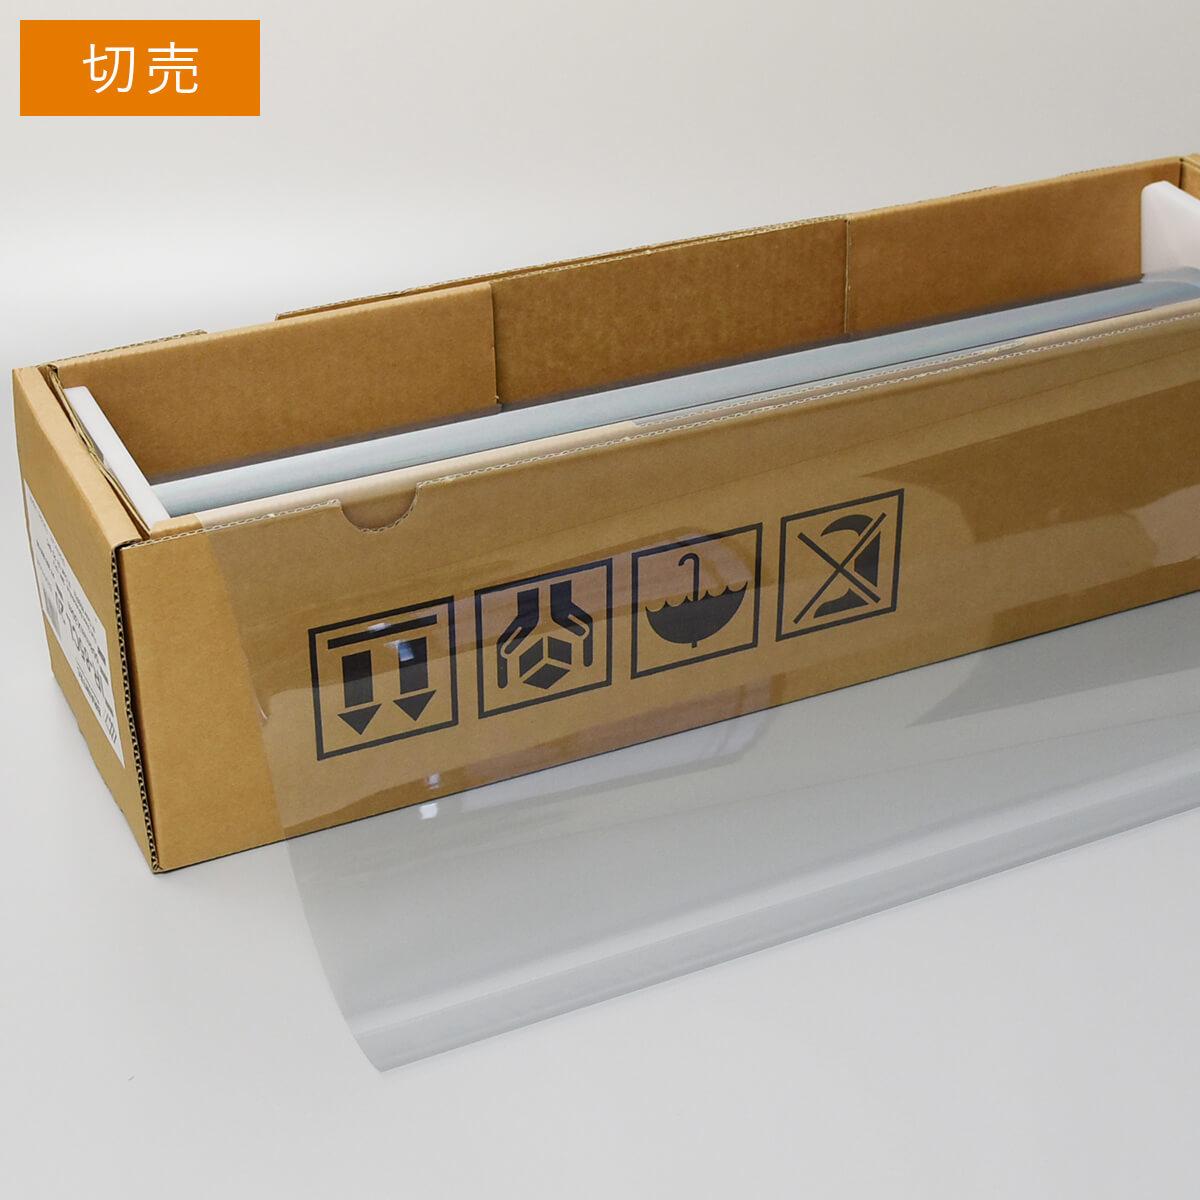 条件付き送料無料 カーフィルム 窓ガラスフィルム IR透明断熱85(85%) 50cm幅×長さ1m単位切売 飛散防止フィルム 遮熱フィルム 断熱フィルム UVカットフィルム ブレインテック Braintec